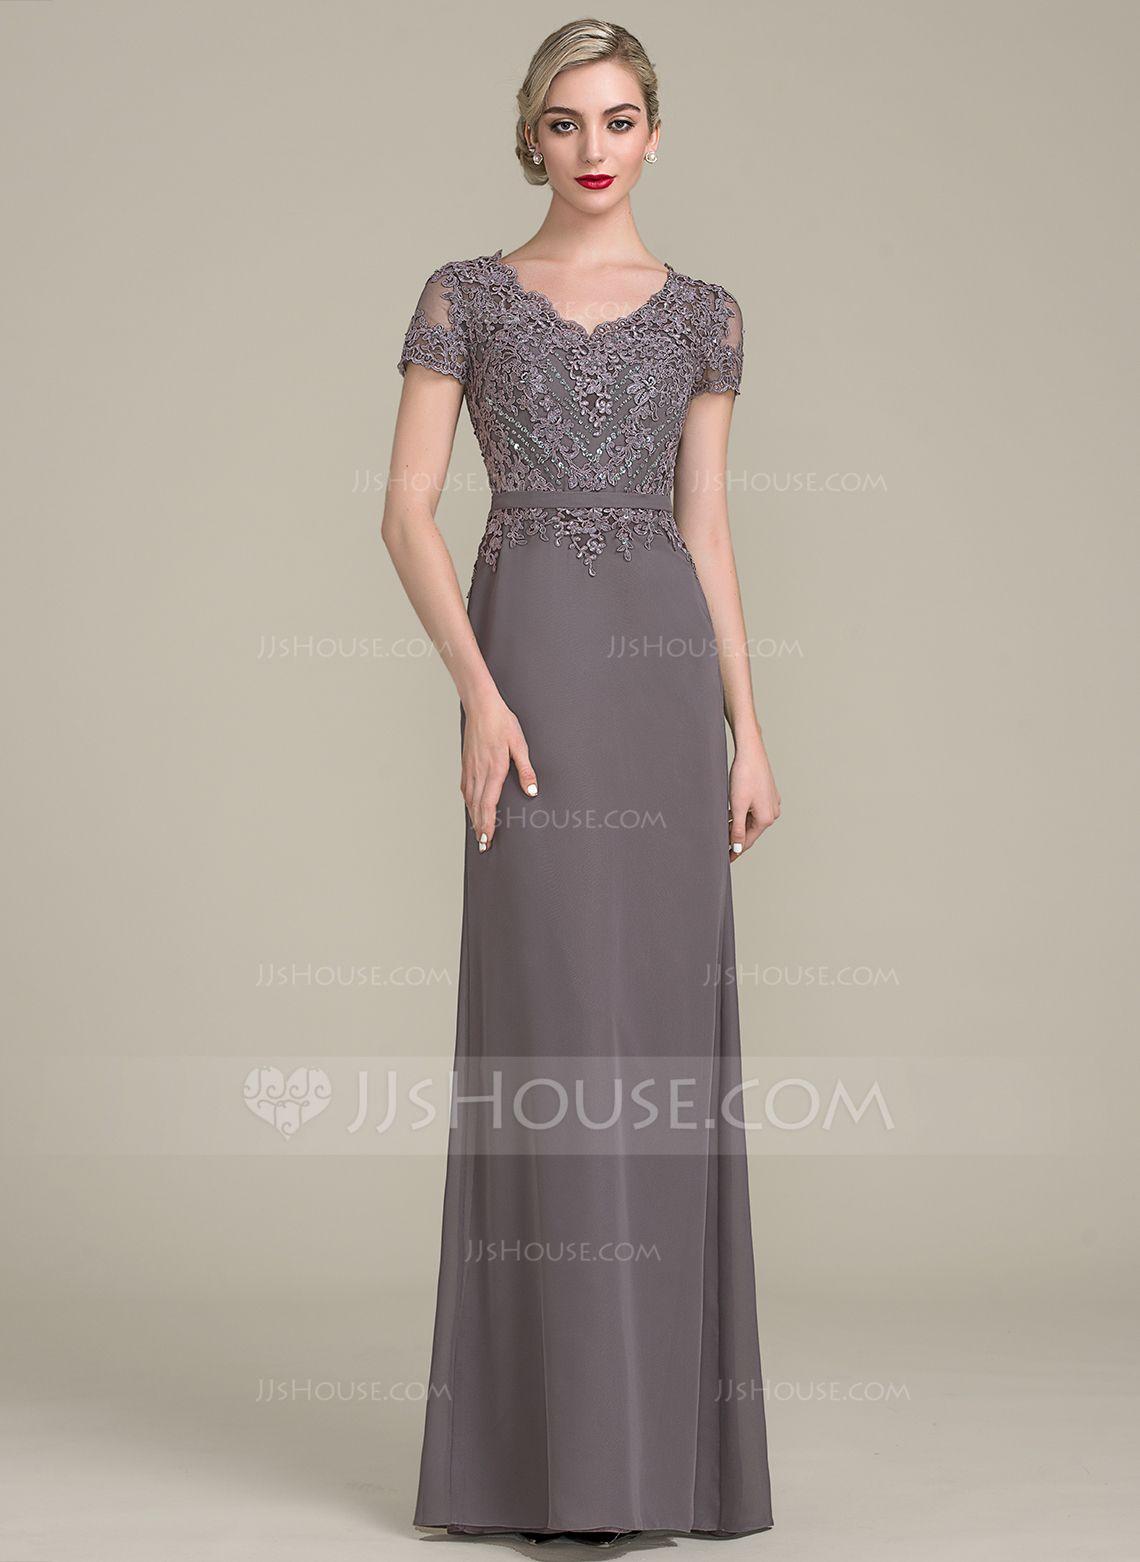 2019 bainha vestidos de dama de honra baratos renda applique